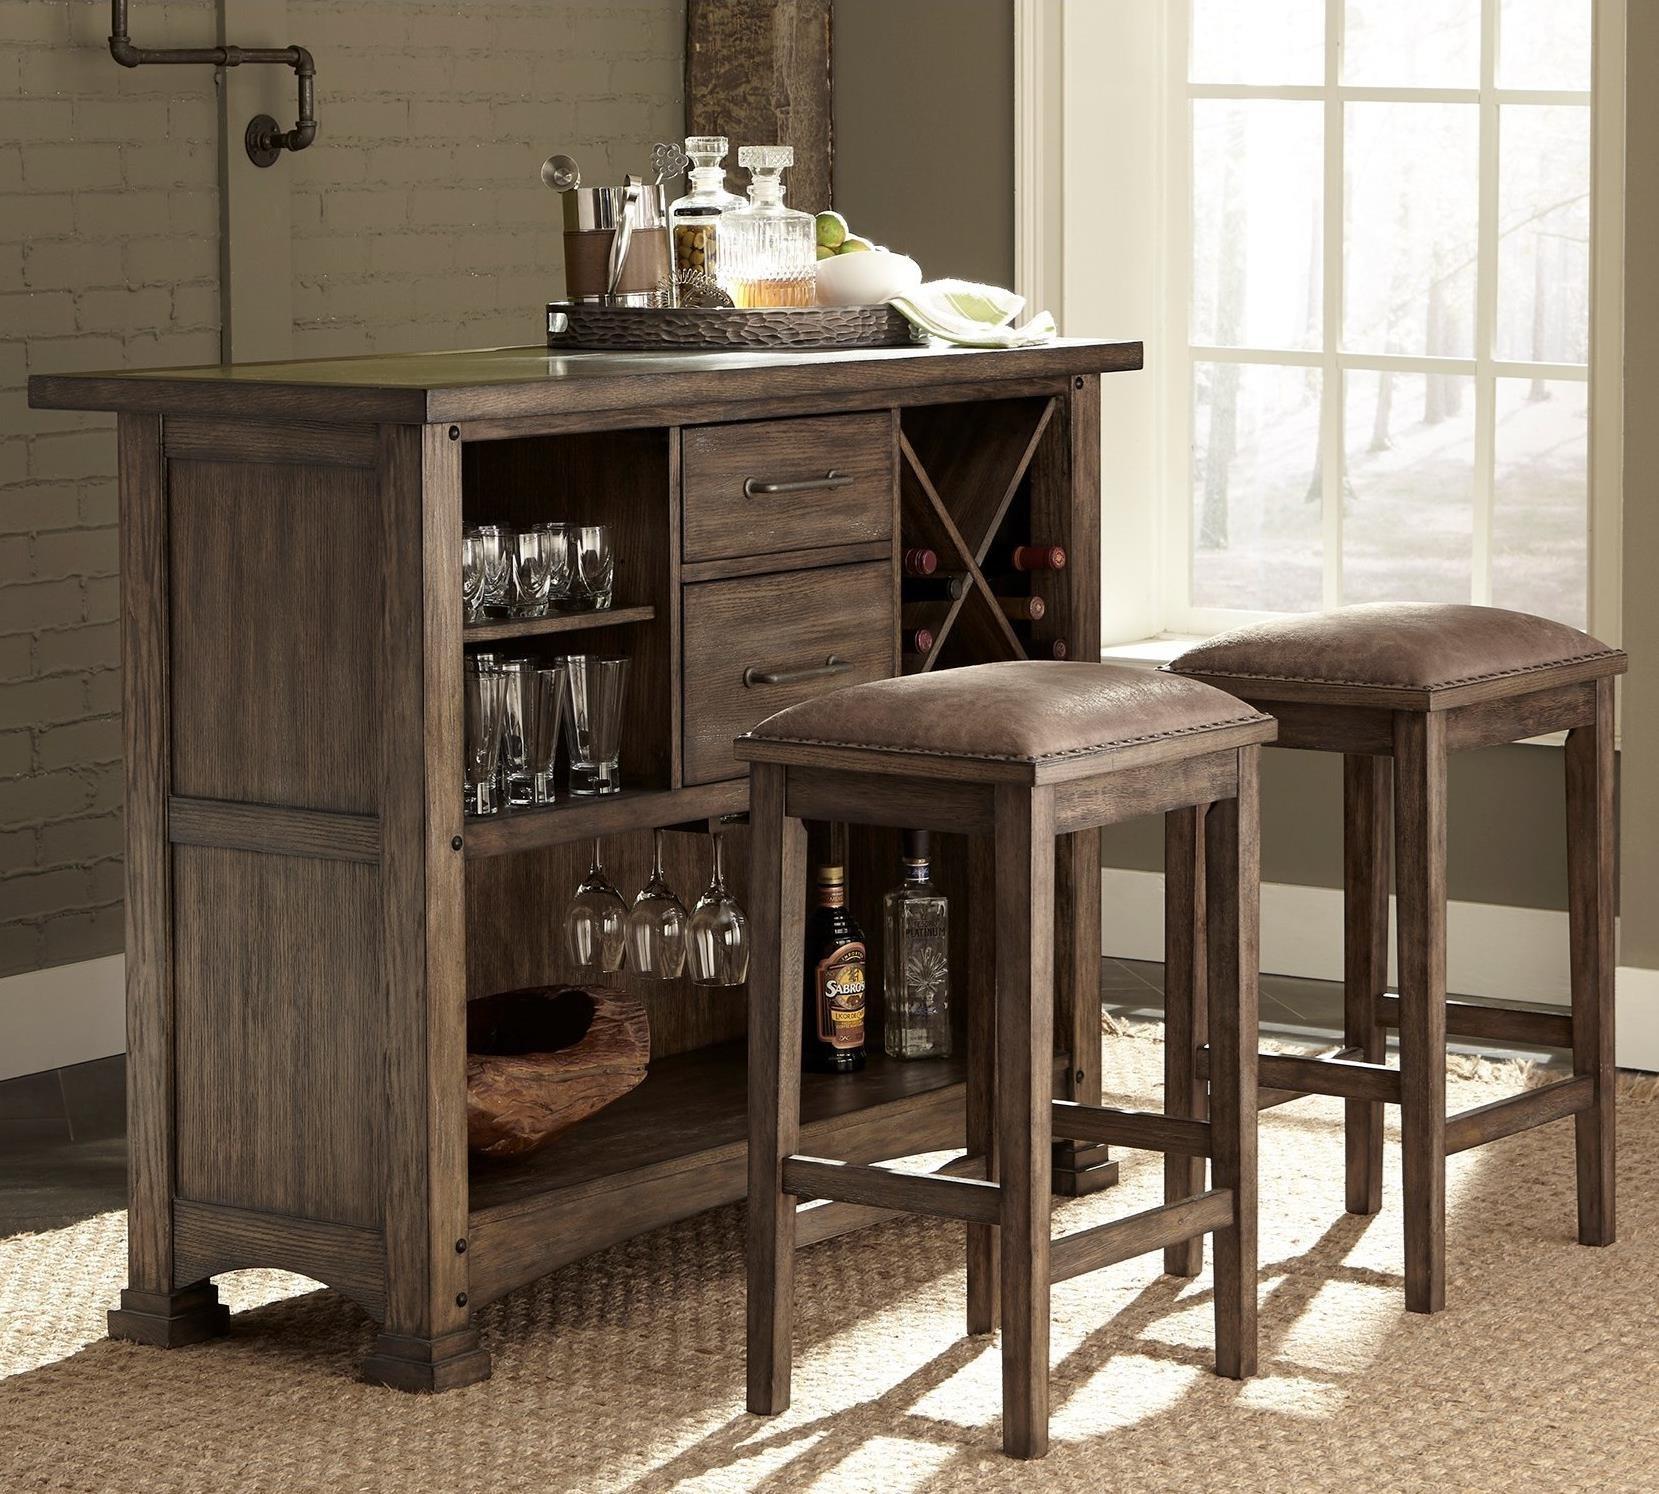 Liberty Furniture Stone Brook 3 Piece Bar and Stool Set - Item Number: 466-DR-3BAR